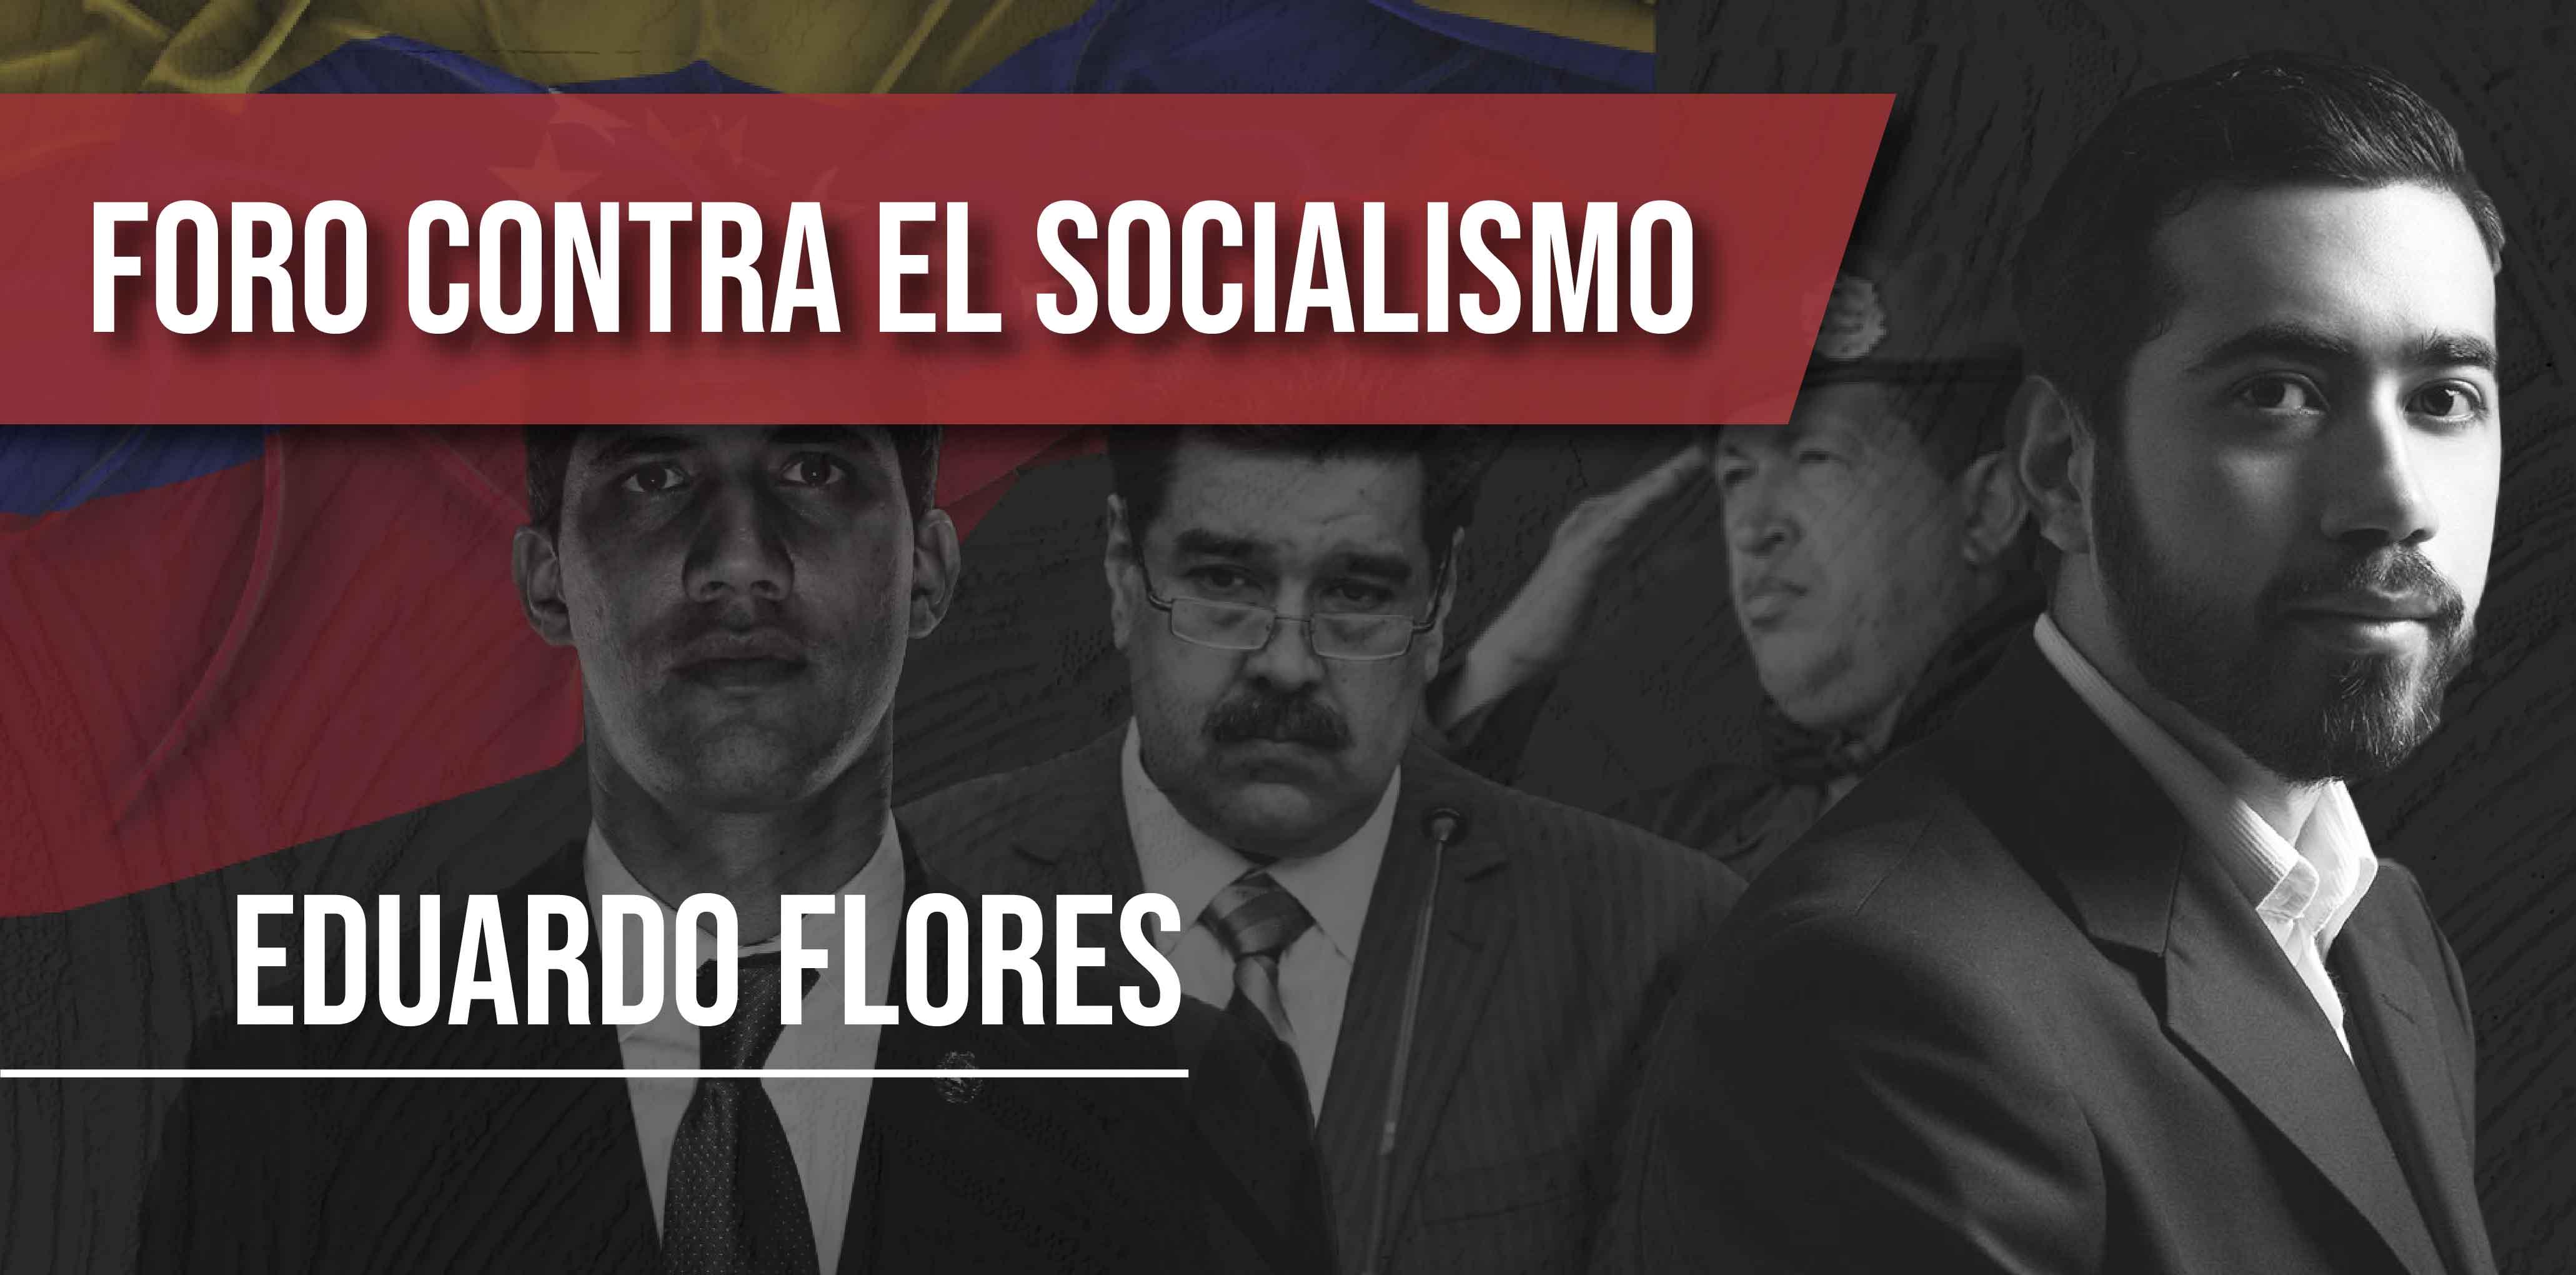 Foro contra el socialismo